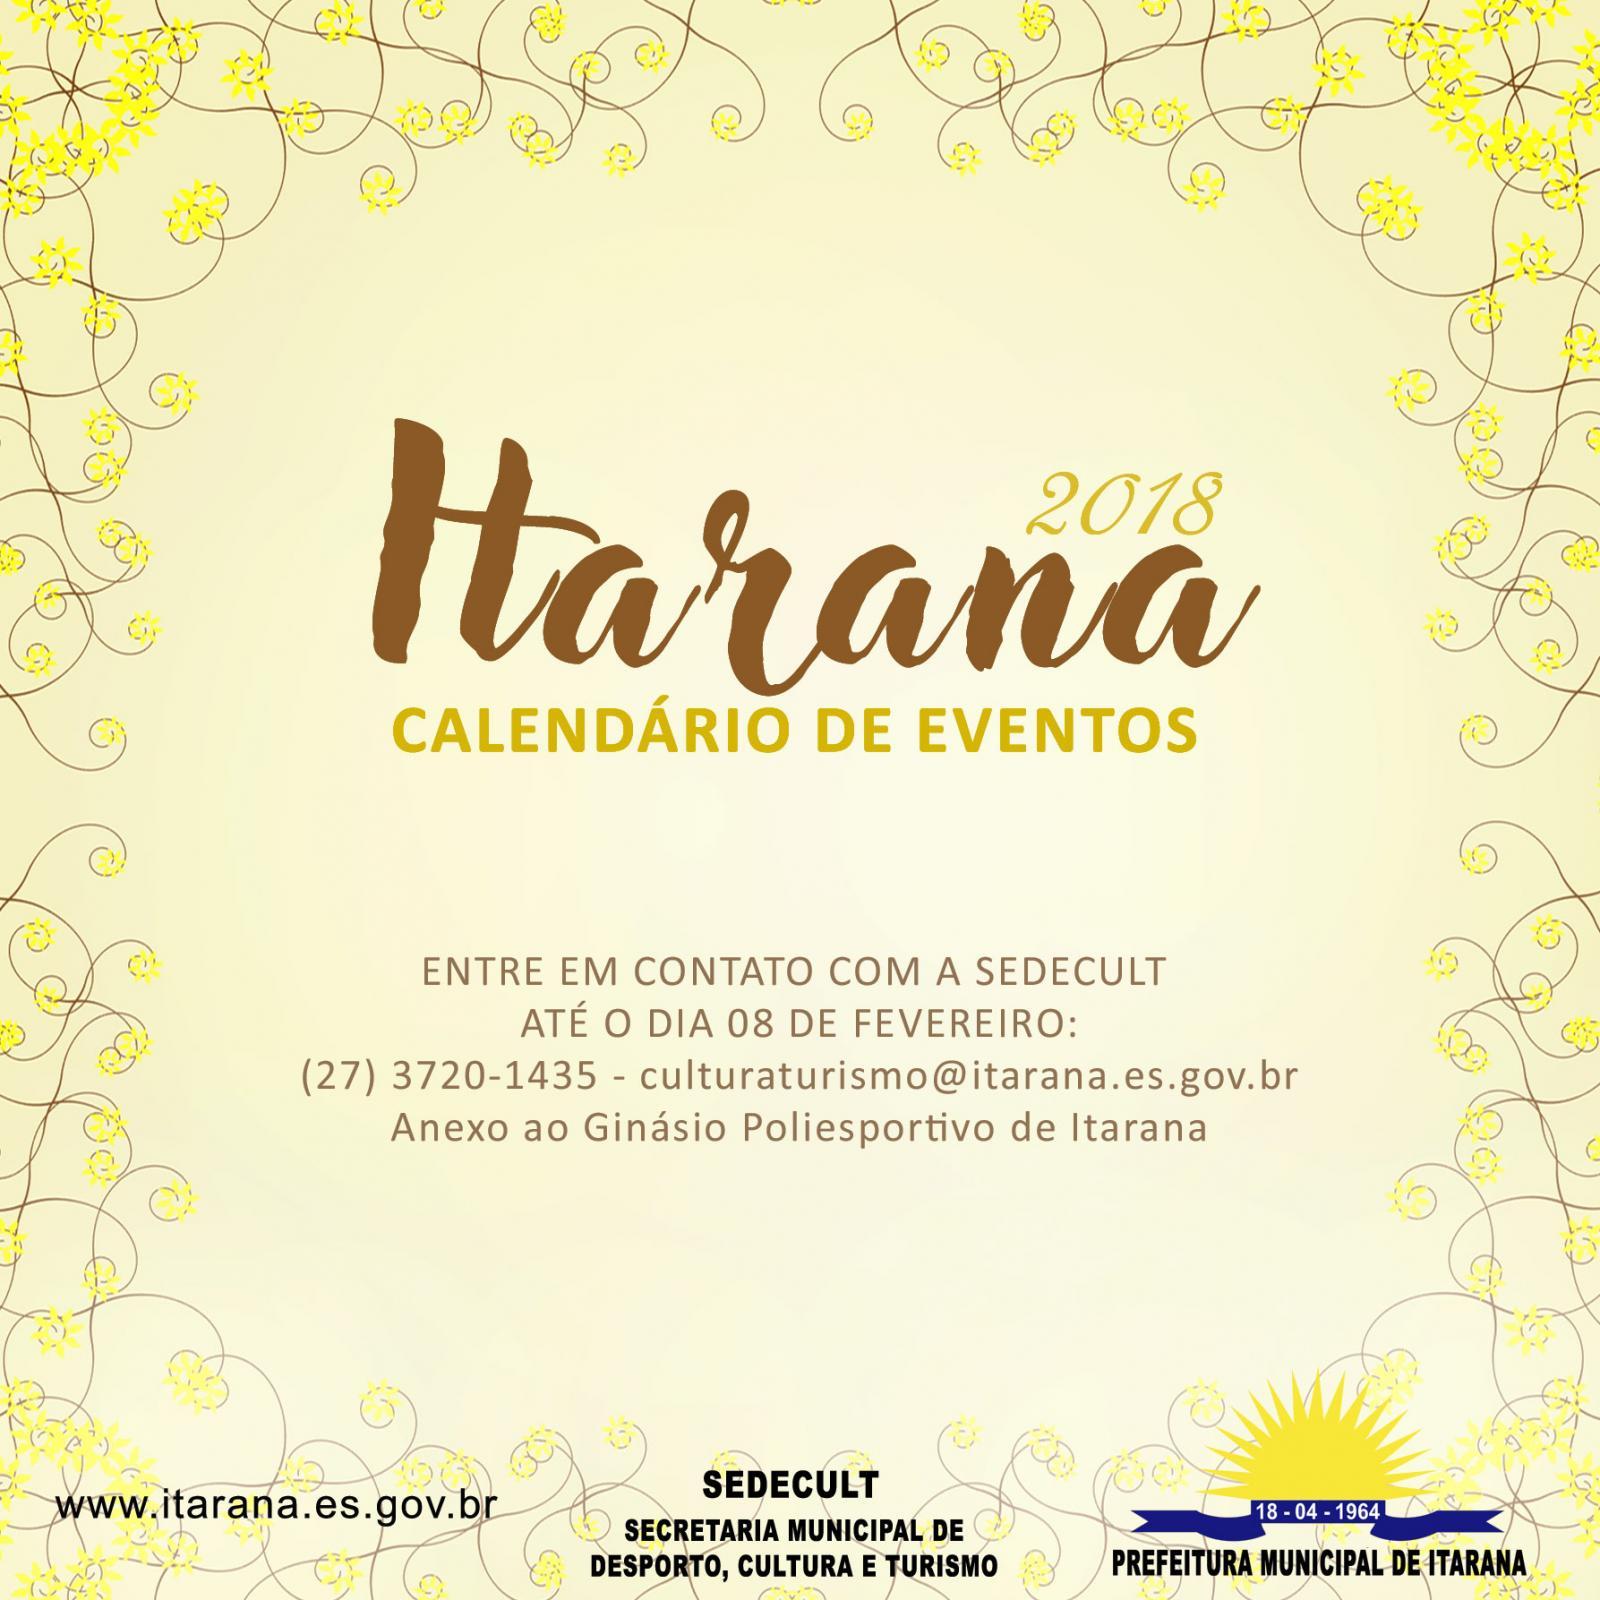 Calendário de Eventos: datas dos principais eventos do município devem ser informadas até 8 de fevereiro